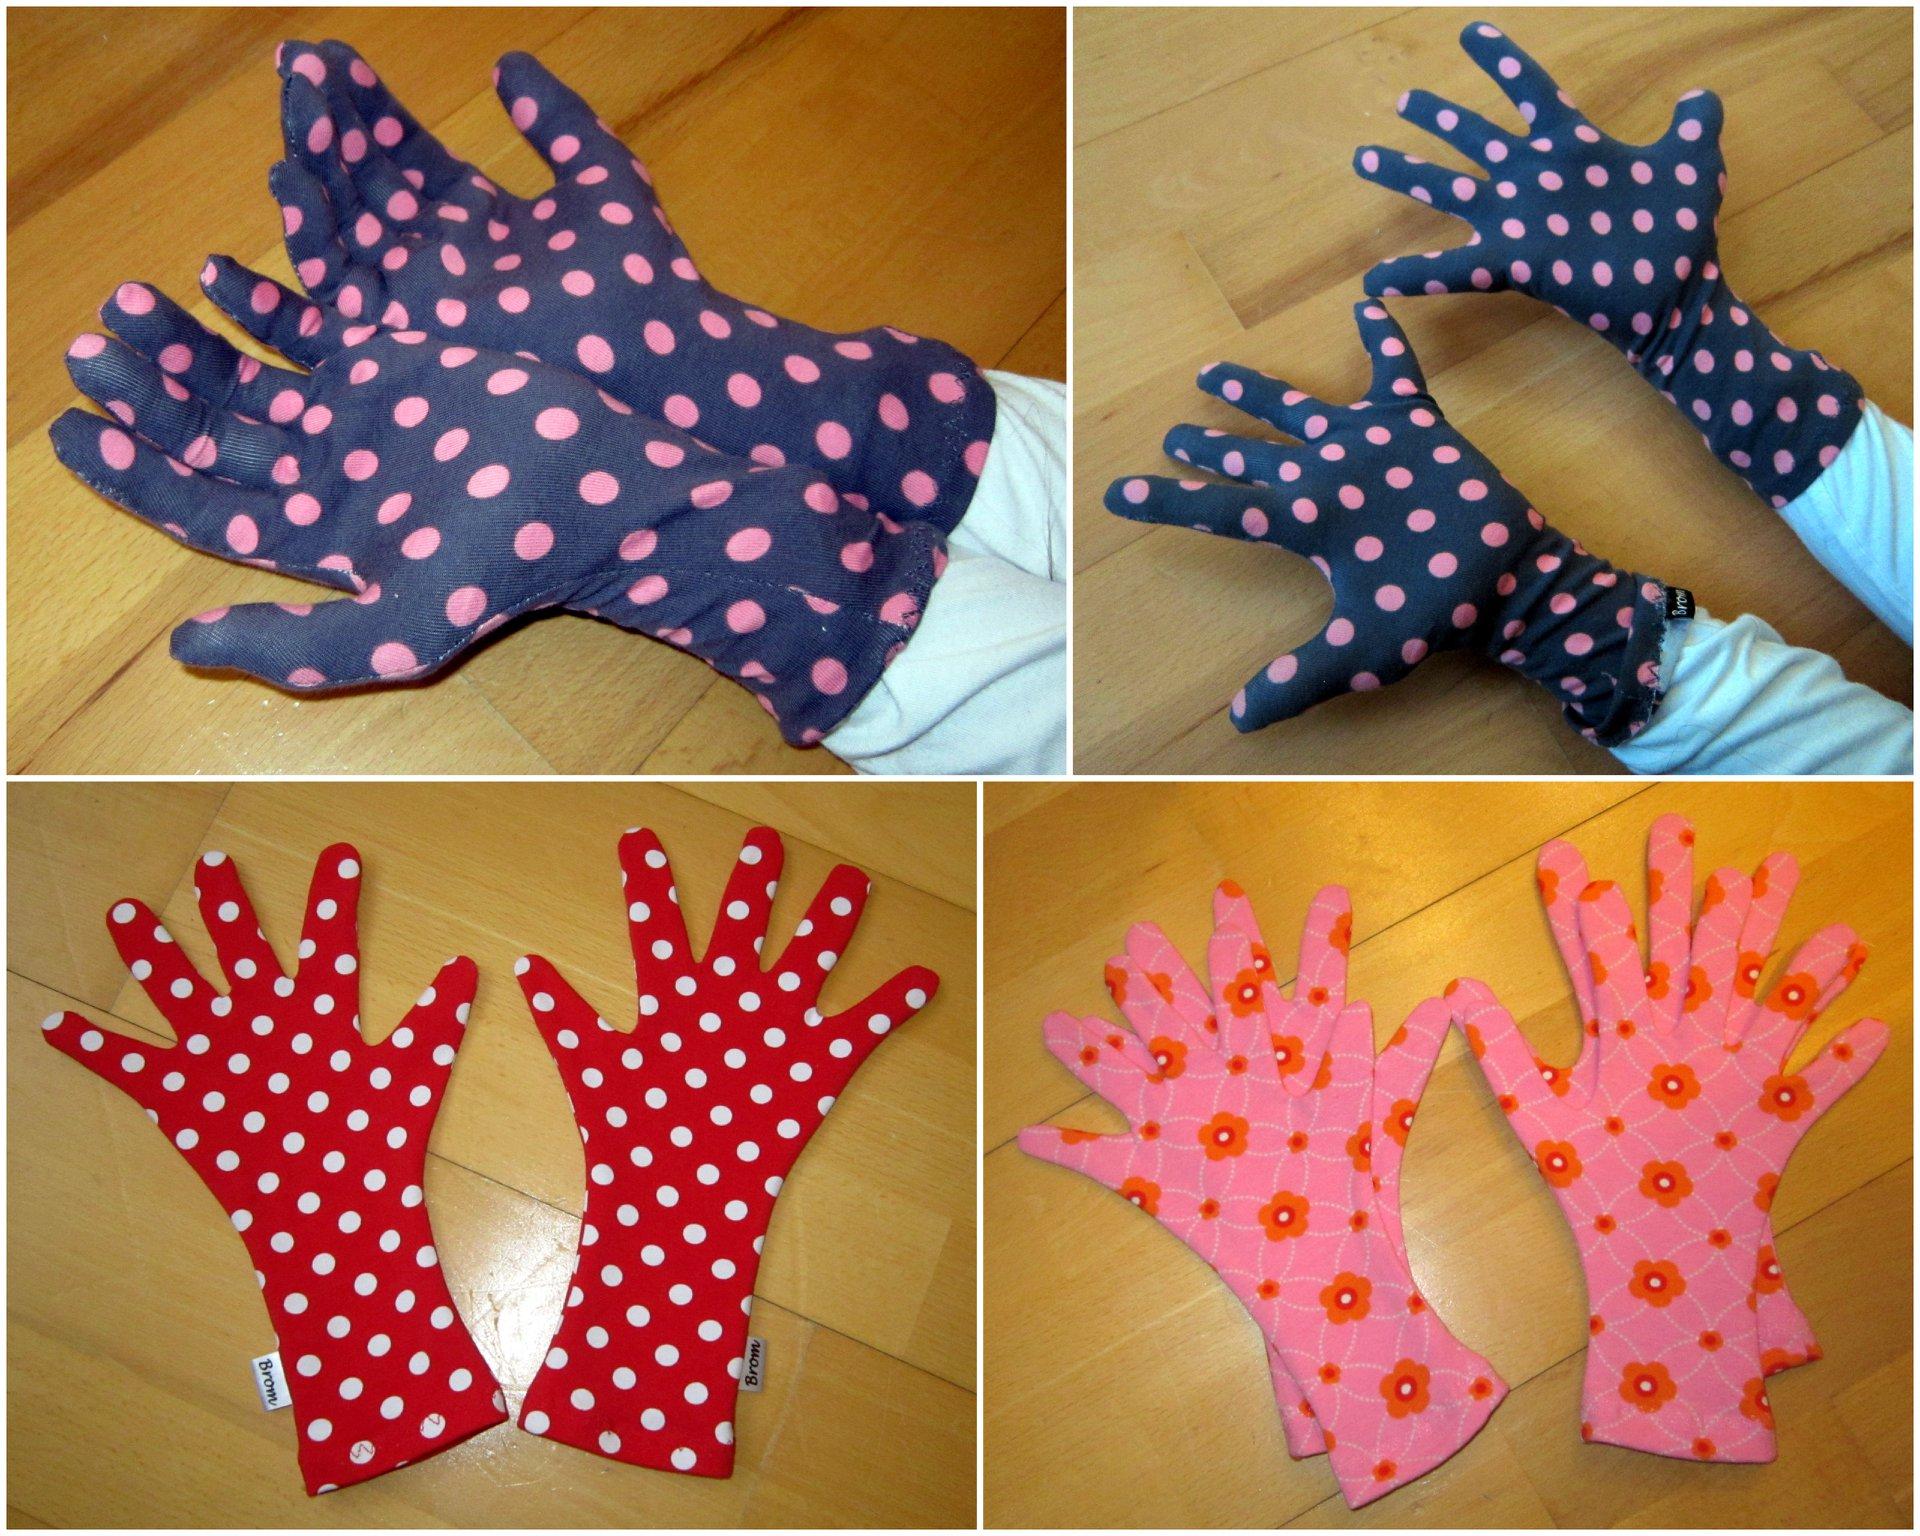 Prstové rukavice od Veroniky (plus zlepšovák, jak jednoduše je ušít)